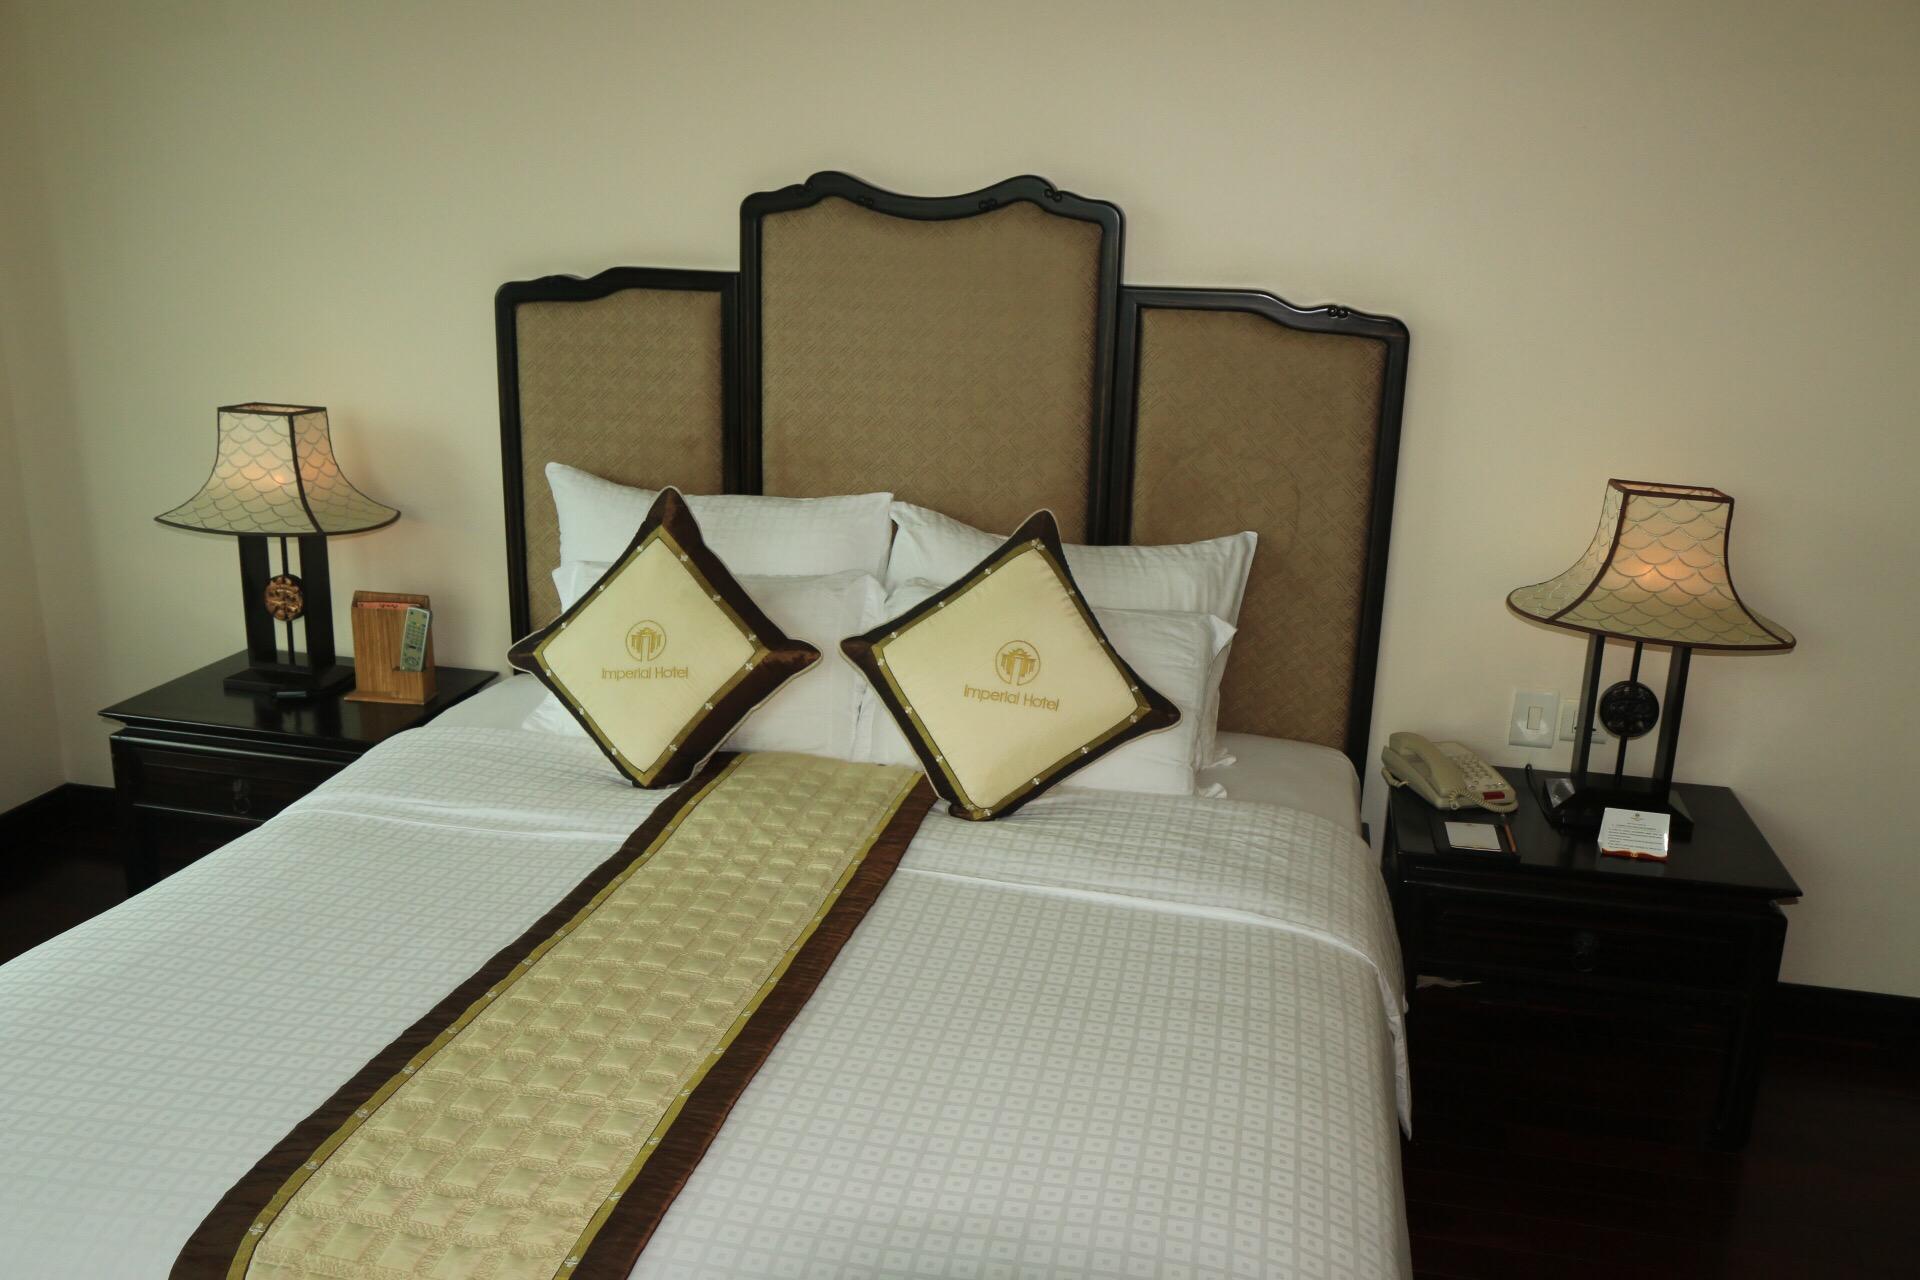 Das Zimmer im Hotel Imperial war das bisher teuerste meiner Reise - 87 Euro pro Nacht.